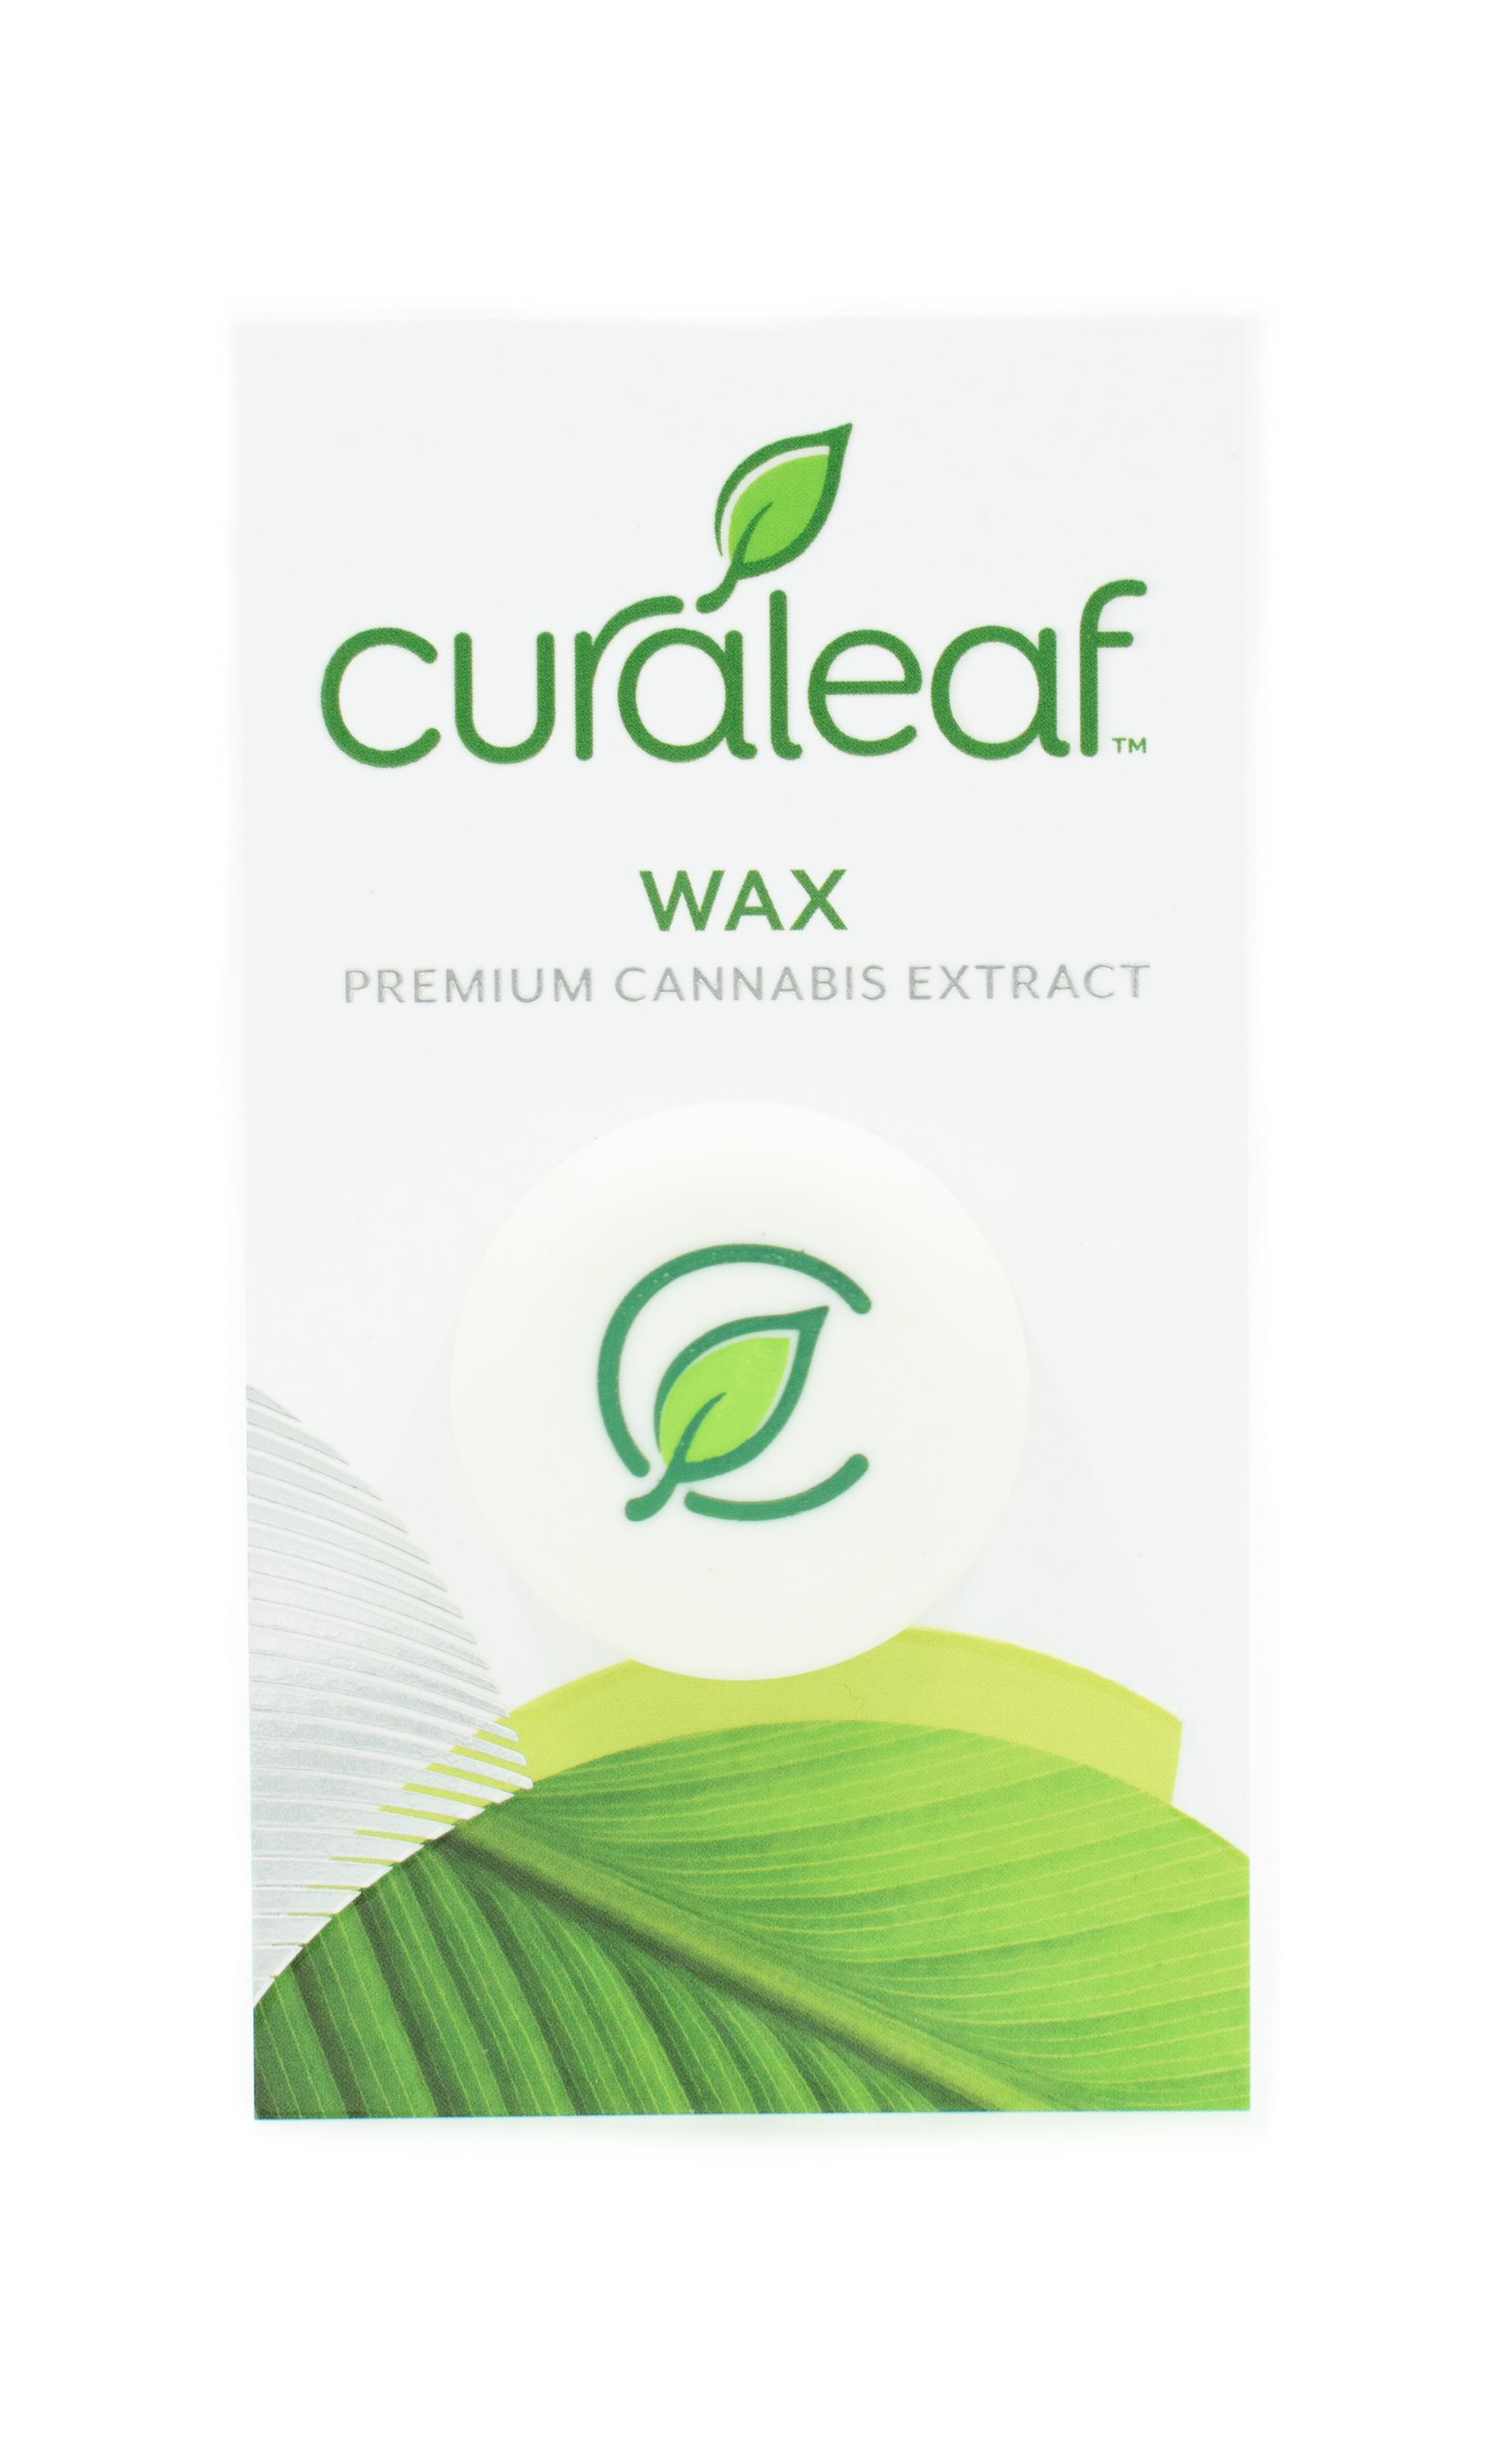 Wax_Packaging.jpg